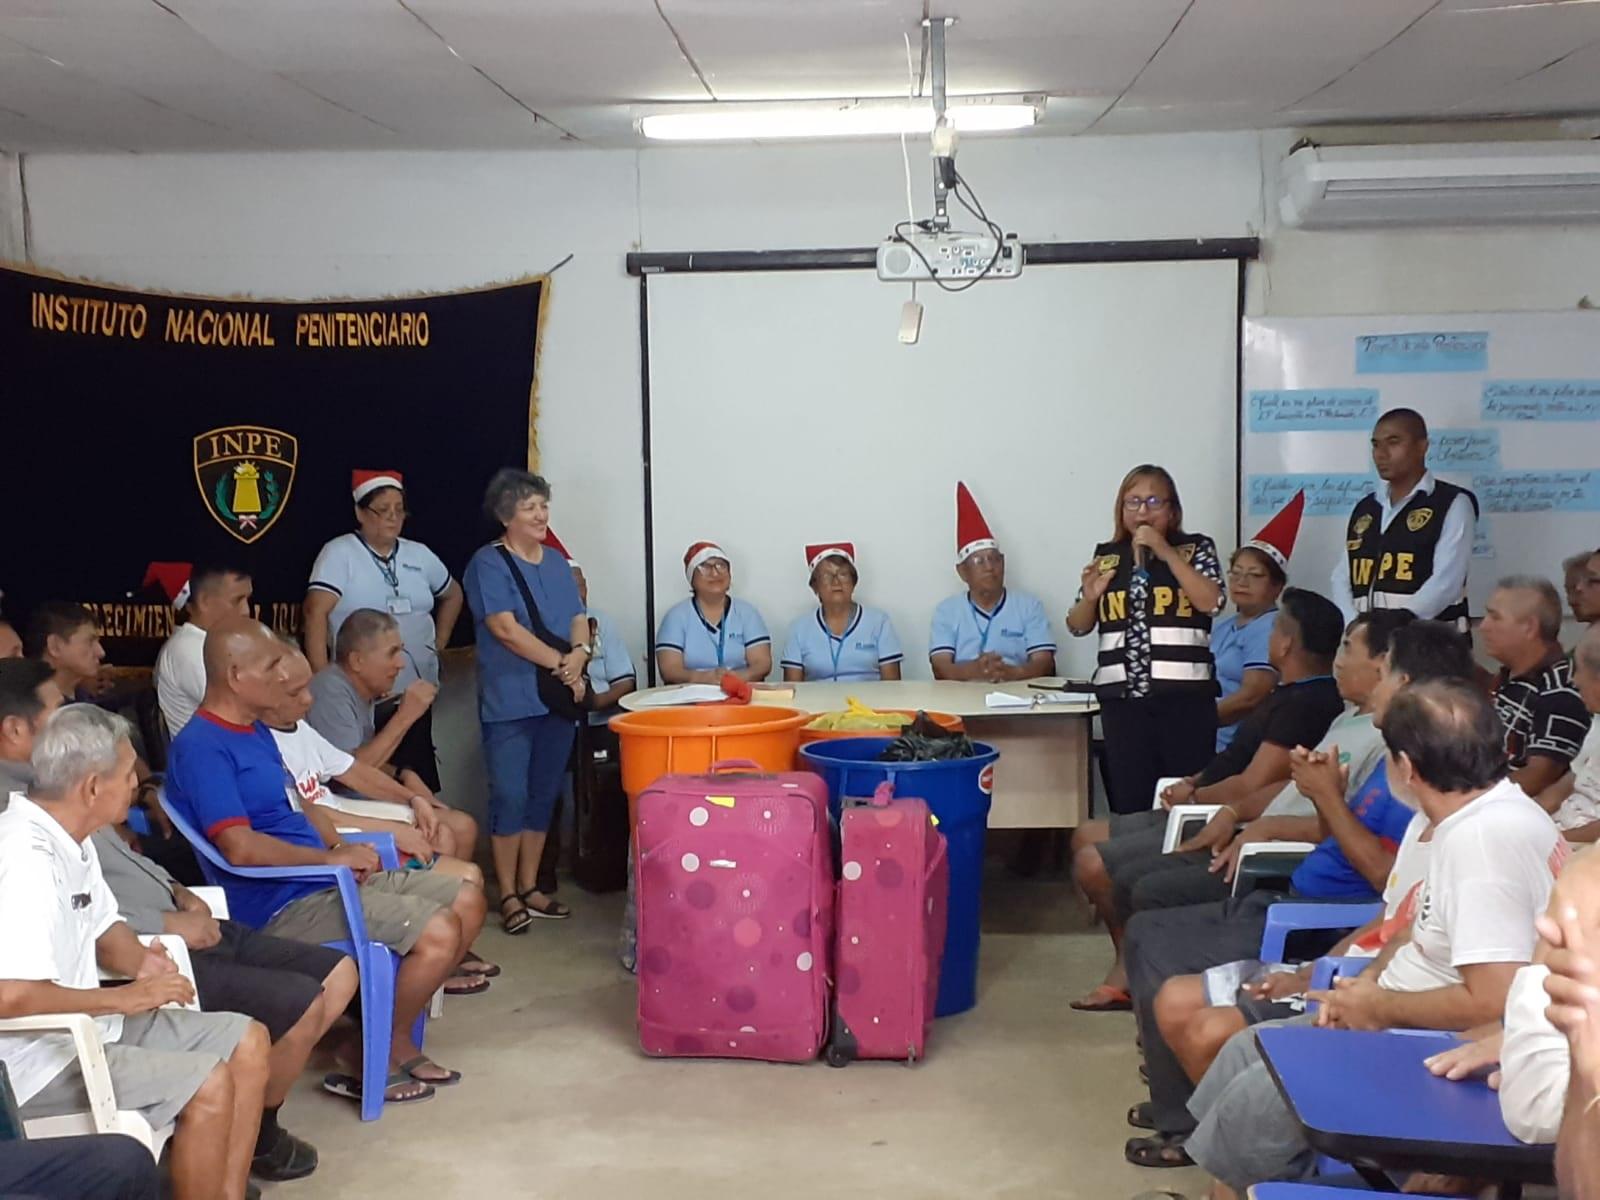 Essalud - CAM de EsSalud Loreto desarrolla actividad social para adultos mayores del Centro Penitenciario de Iquitos